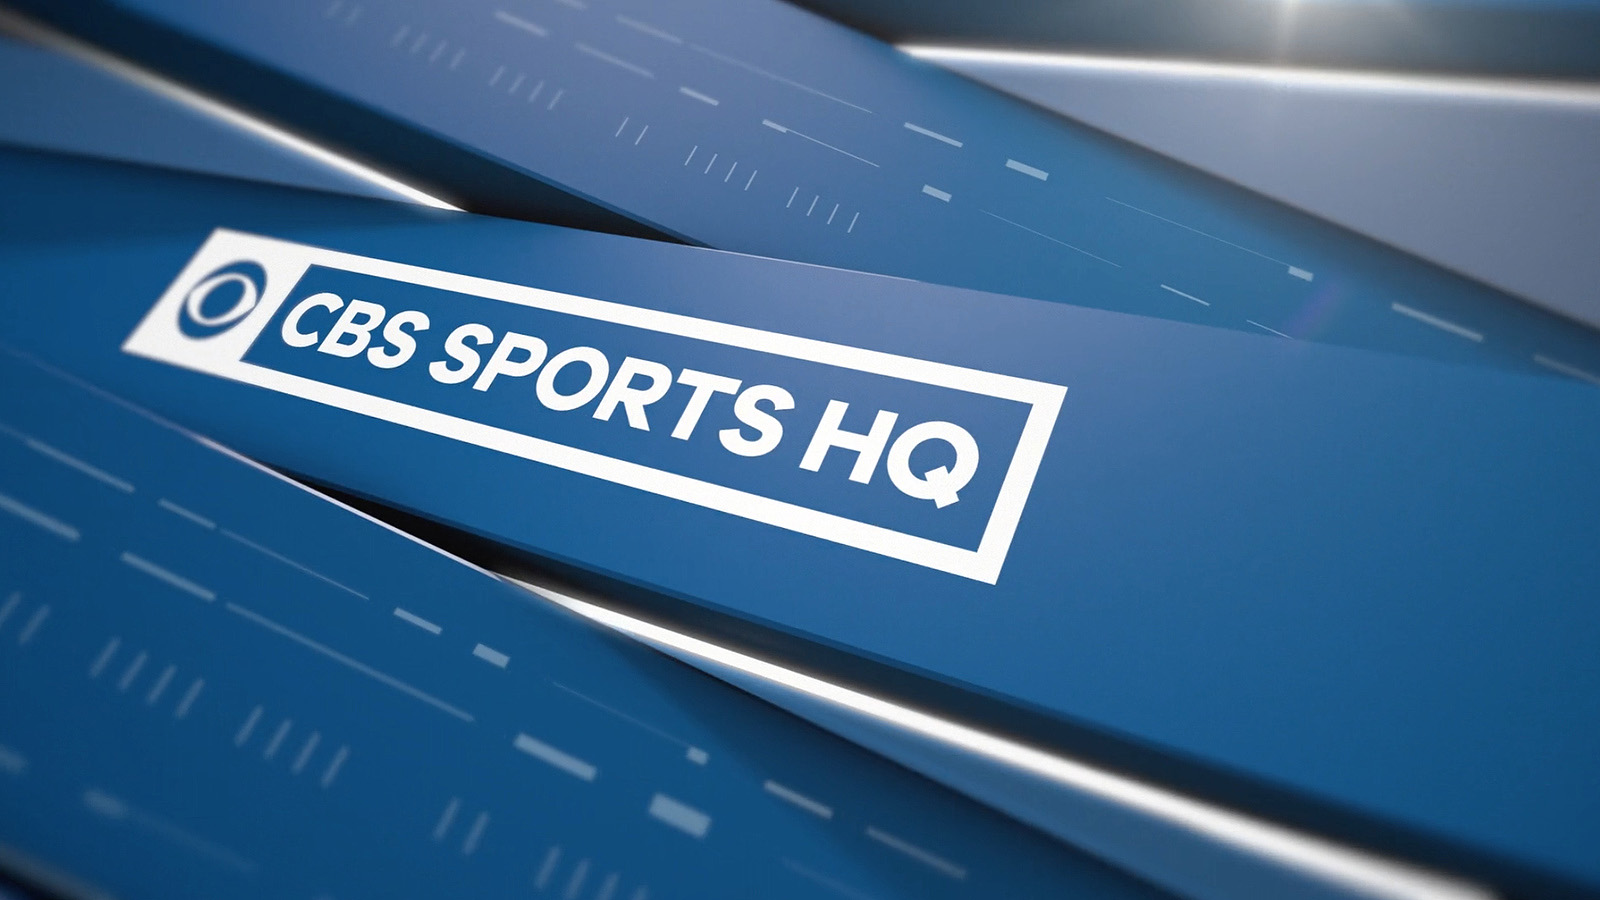 ncs_CBS-Sports-HQ_0007